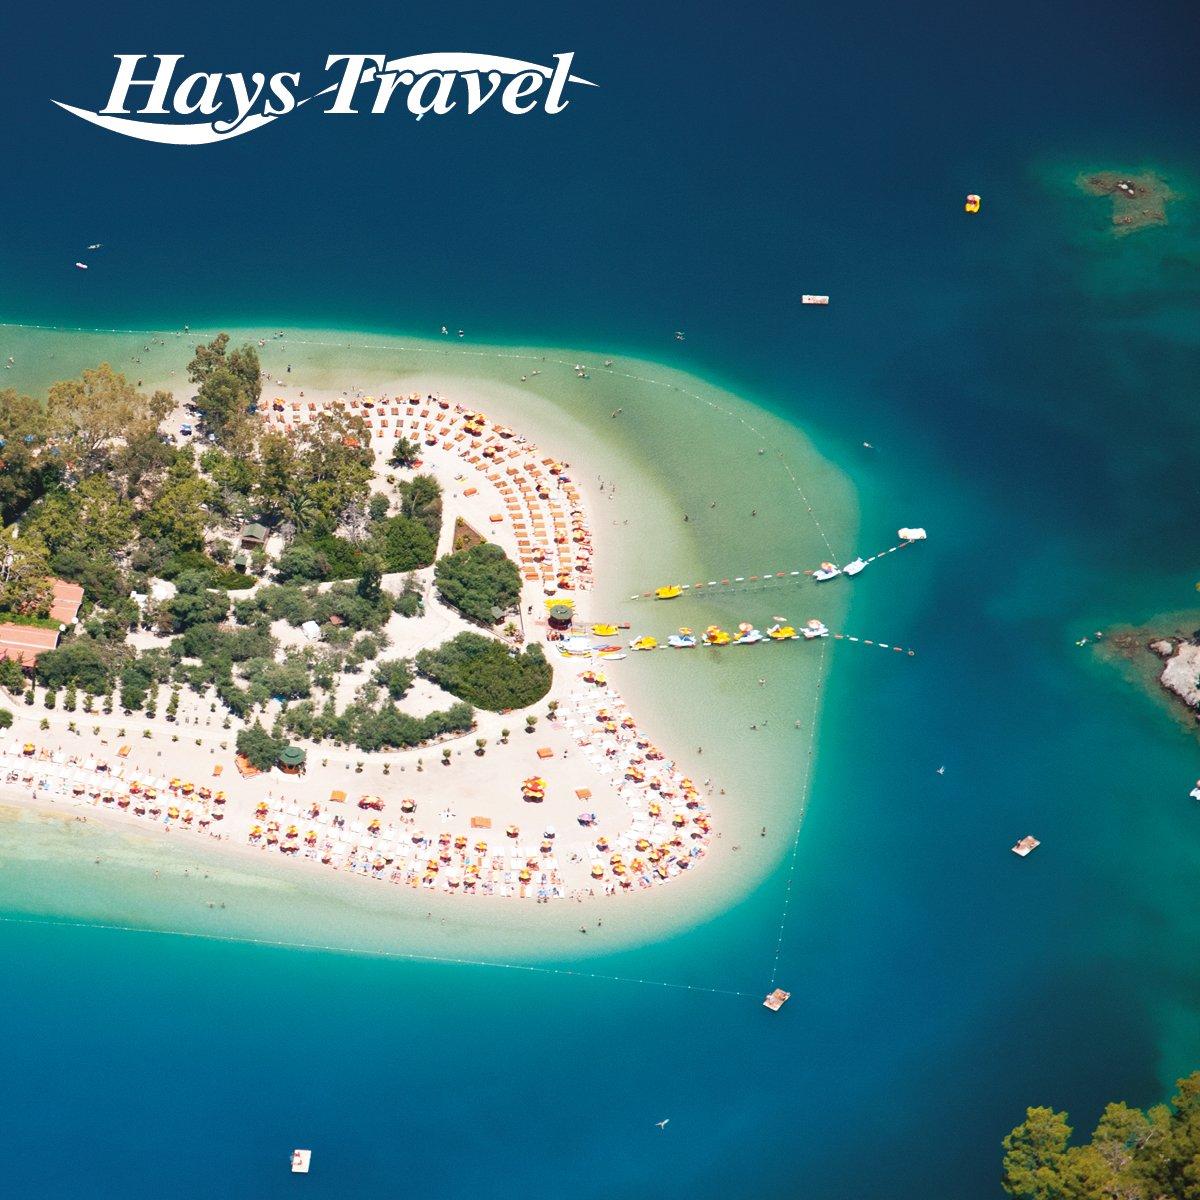 hays travel - photo #15